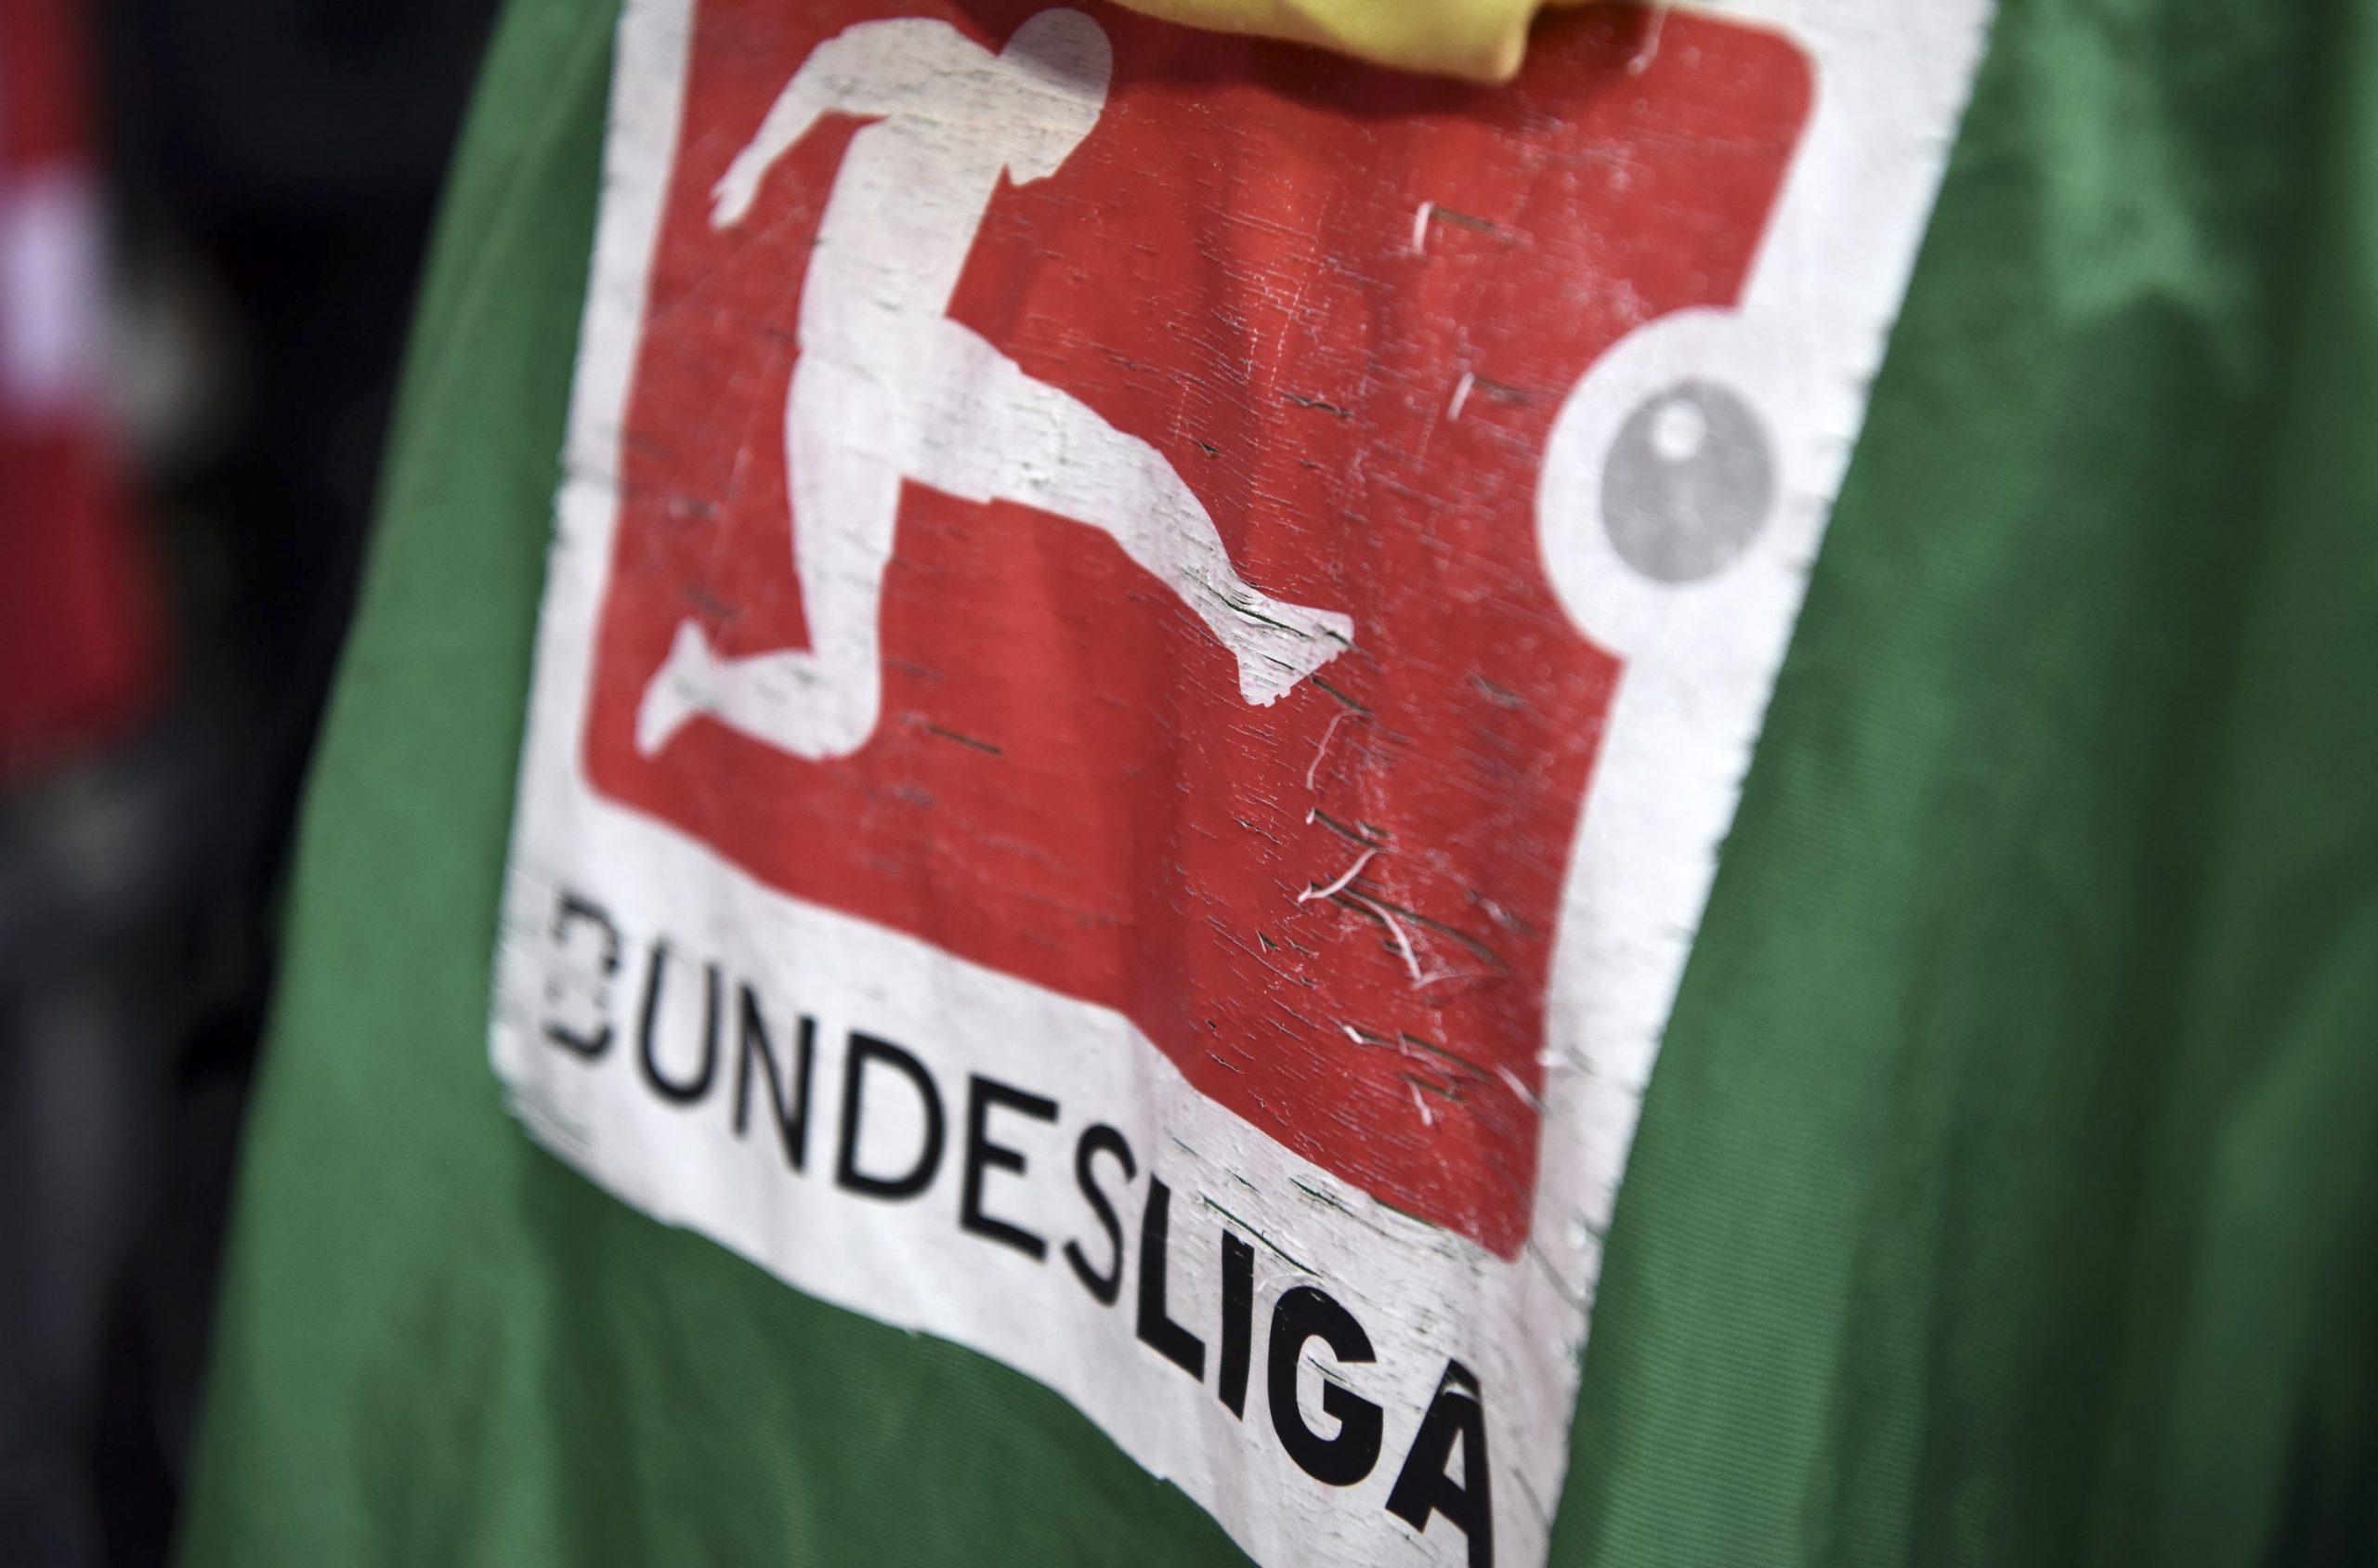 CHAMPIONS Bayern Munich win Bundesliga